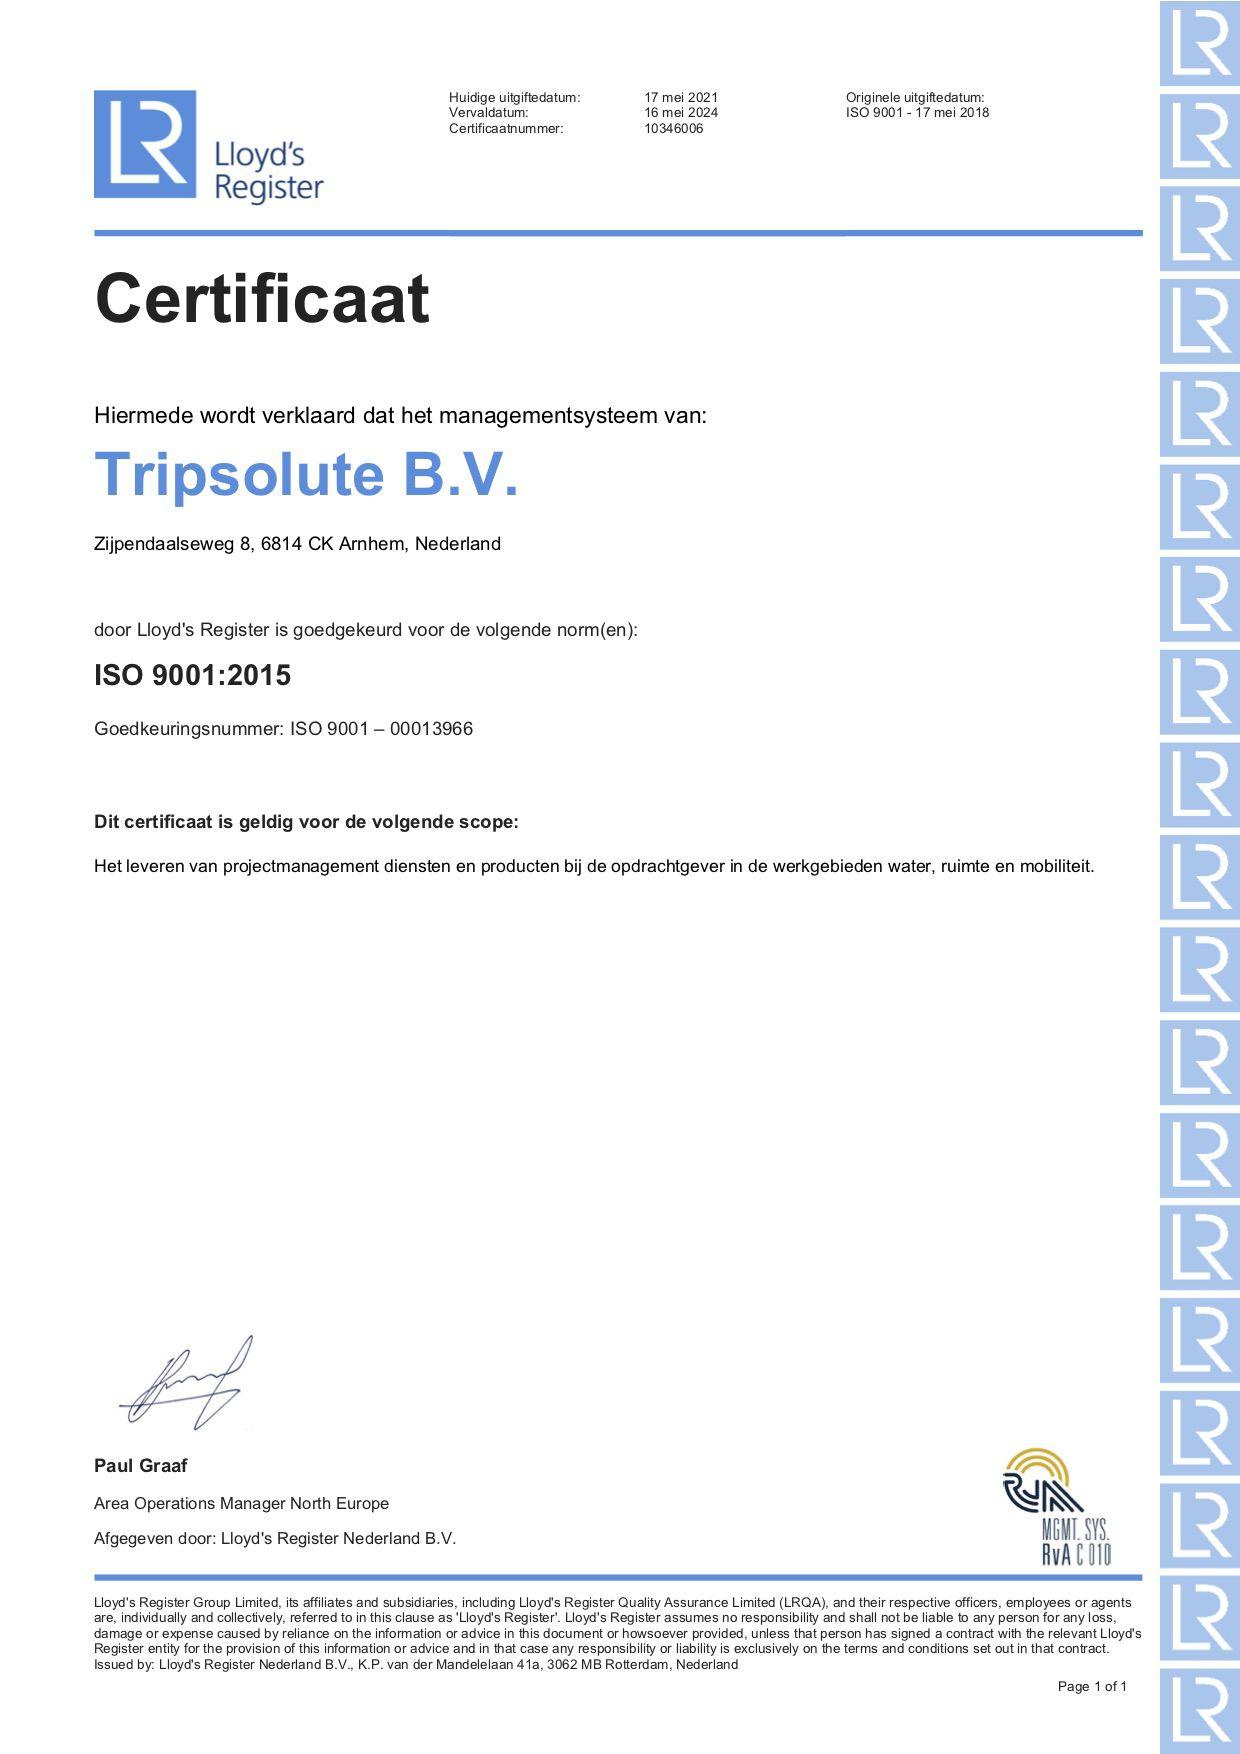 ISO 9001:2015 Certificaat Tripsolute